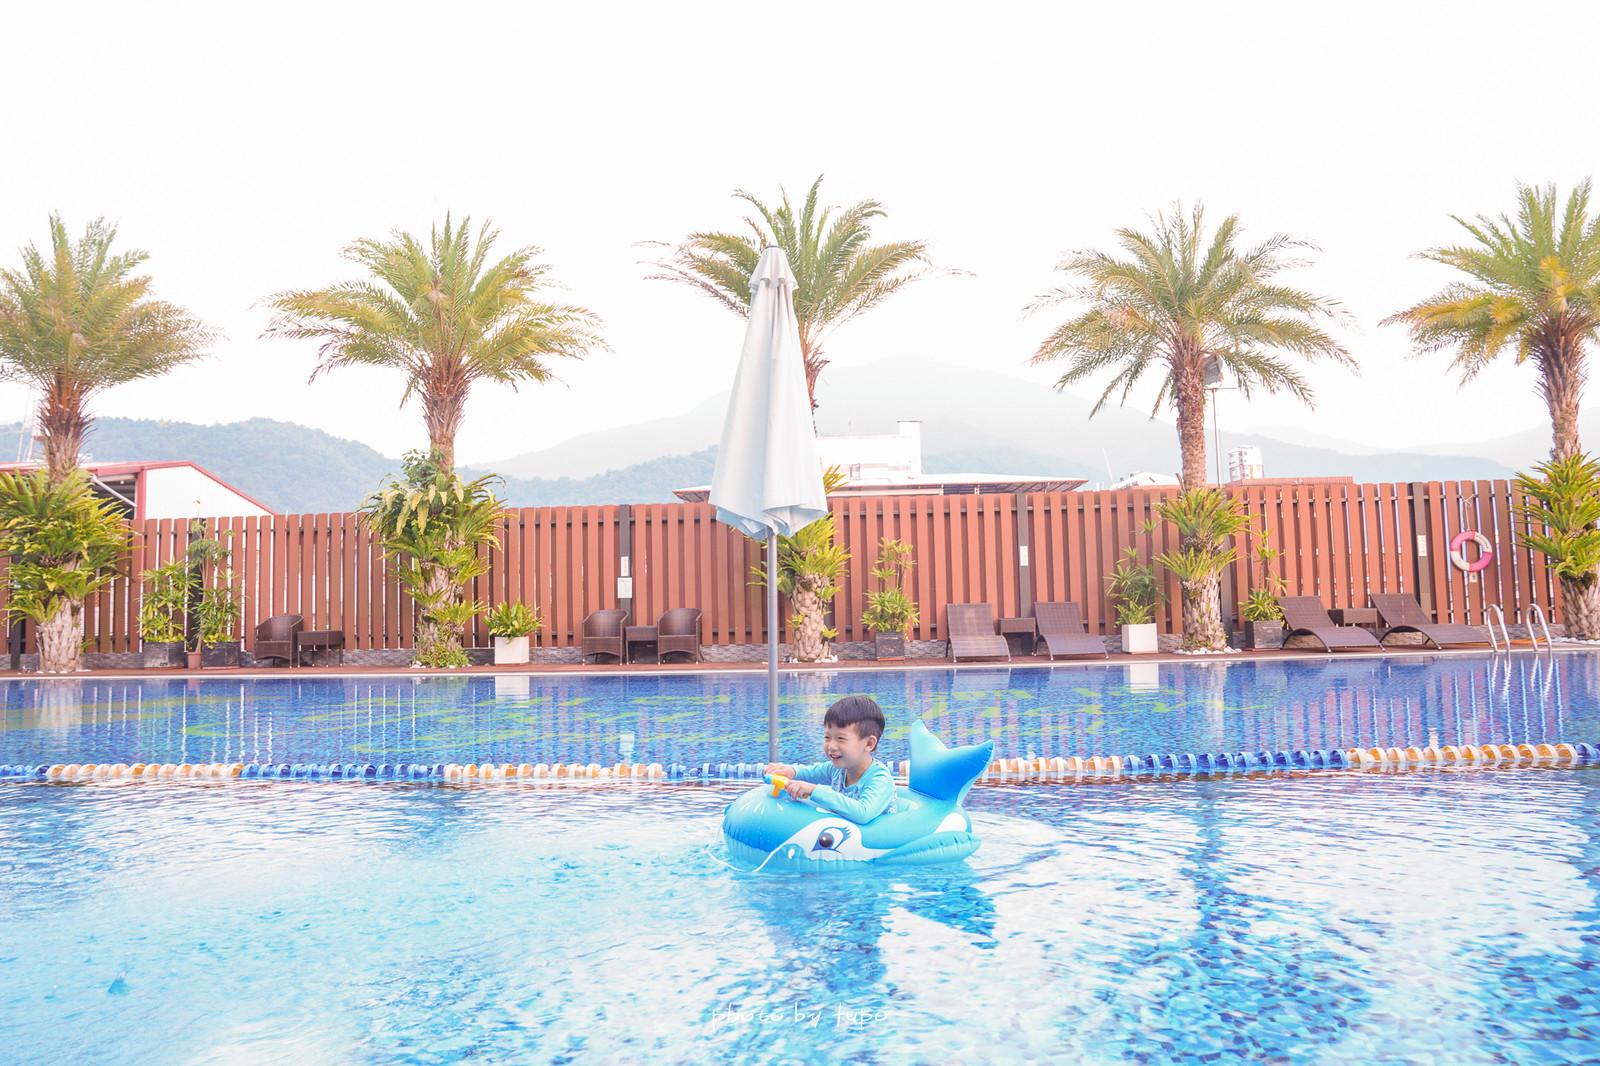 埔里親子飯店》遊戲區超狂!承萬尊爵渡假酒店,超好玩的百坪兒童賽車主題樂園、360度景觀餐廳、溫水星光SPA泳池,埔里親子住宿推薦~